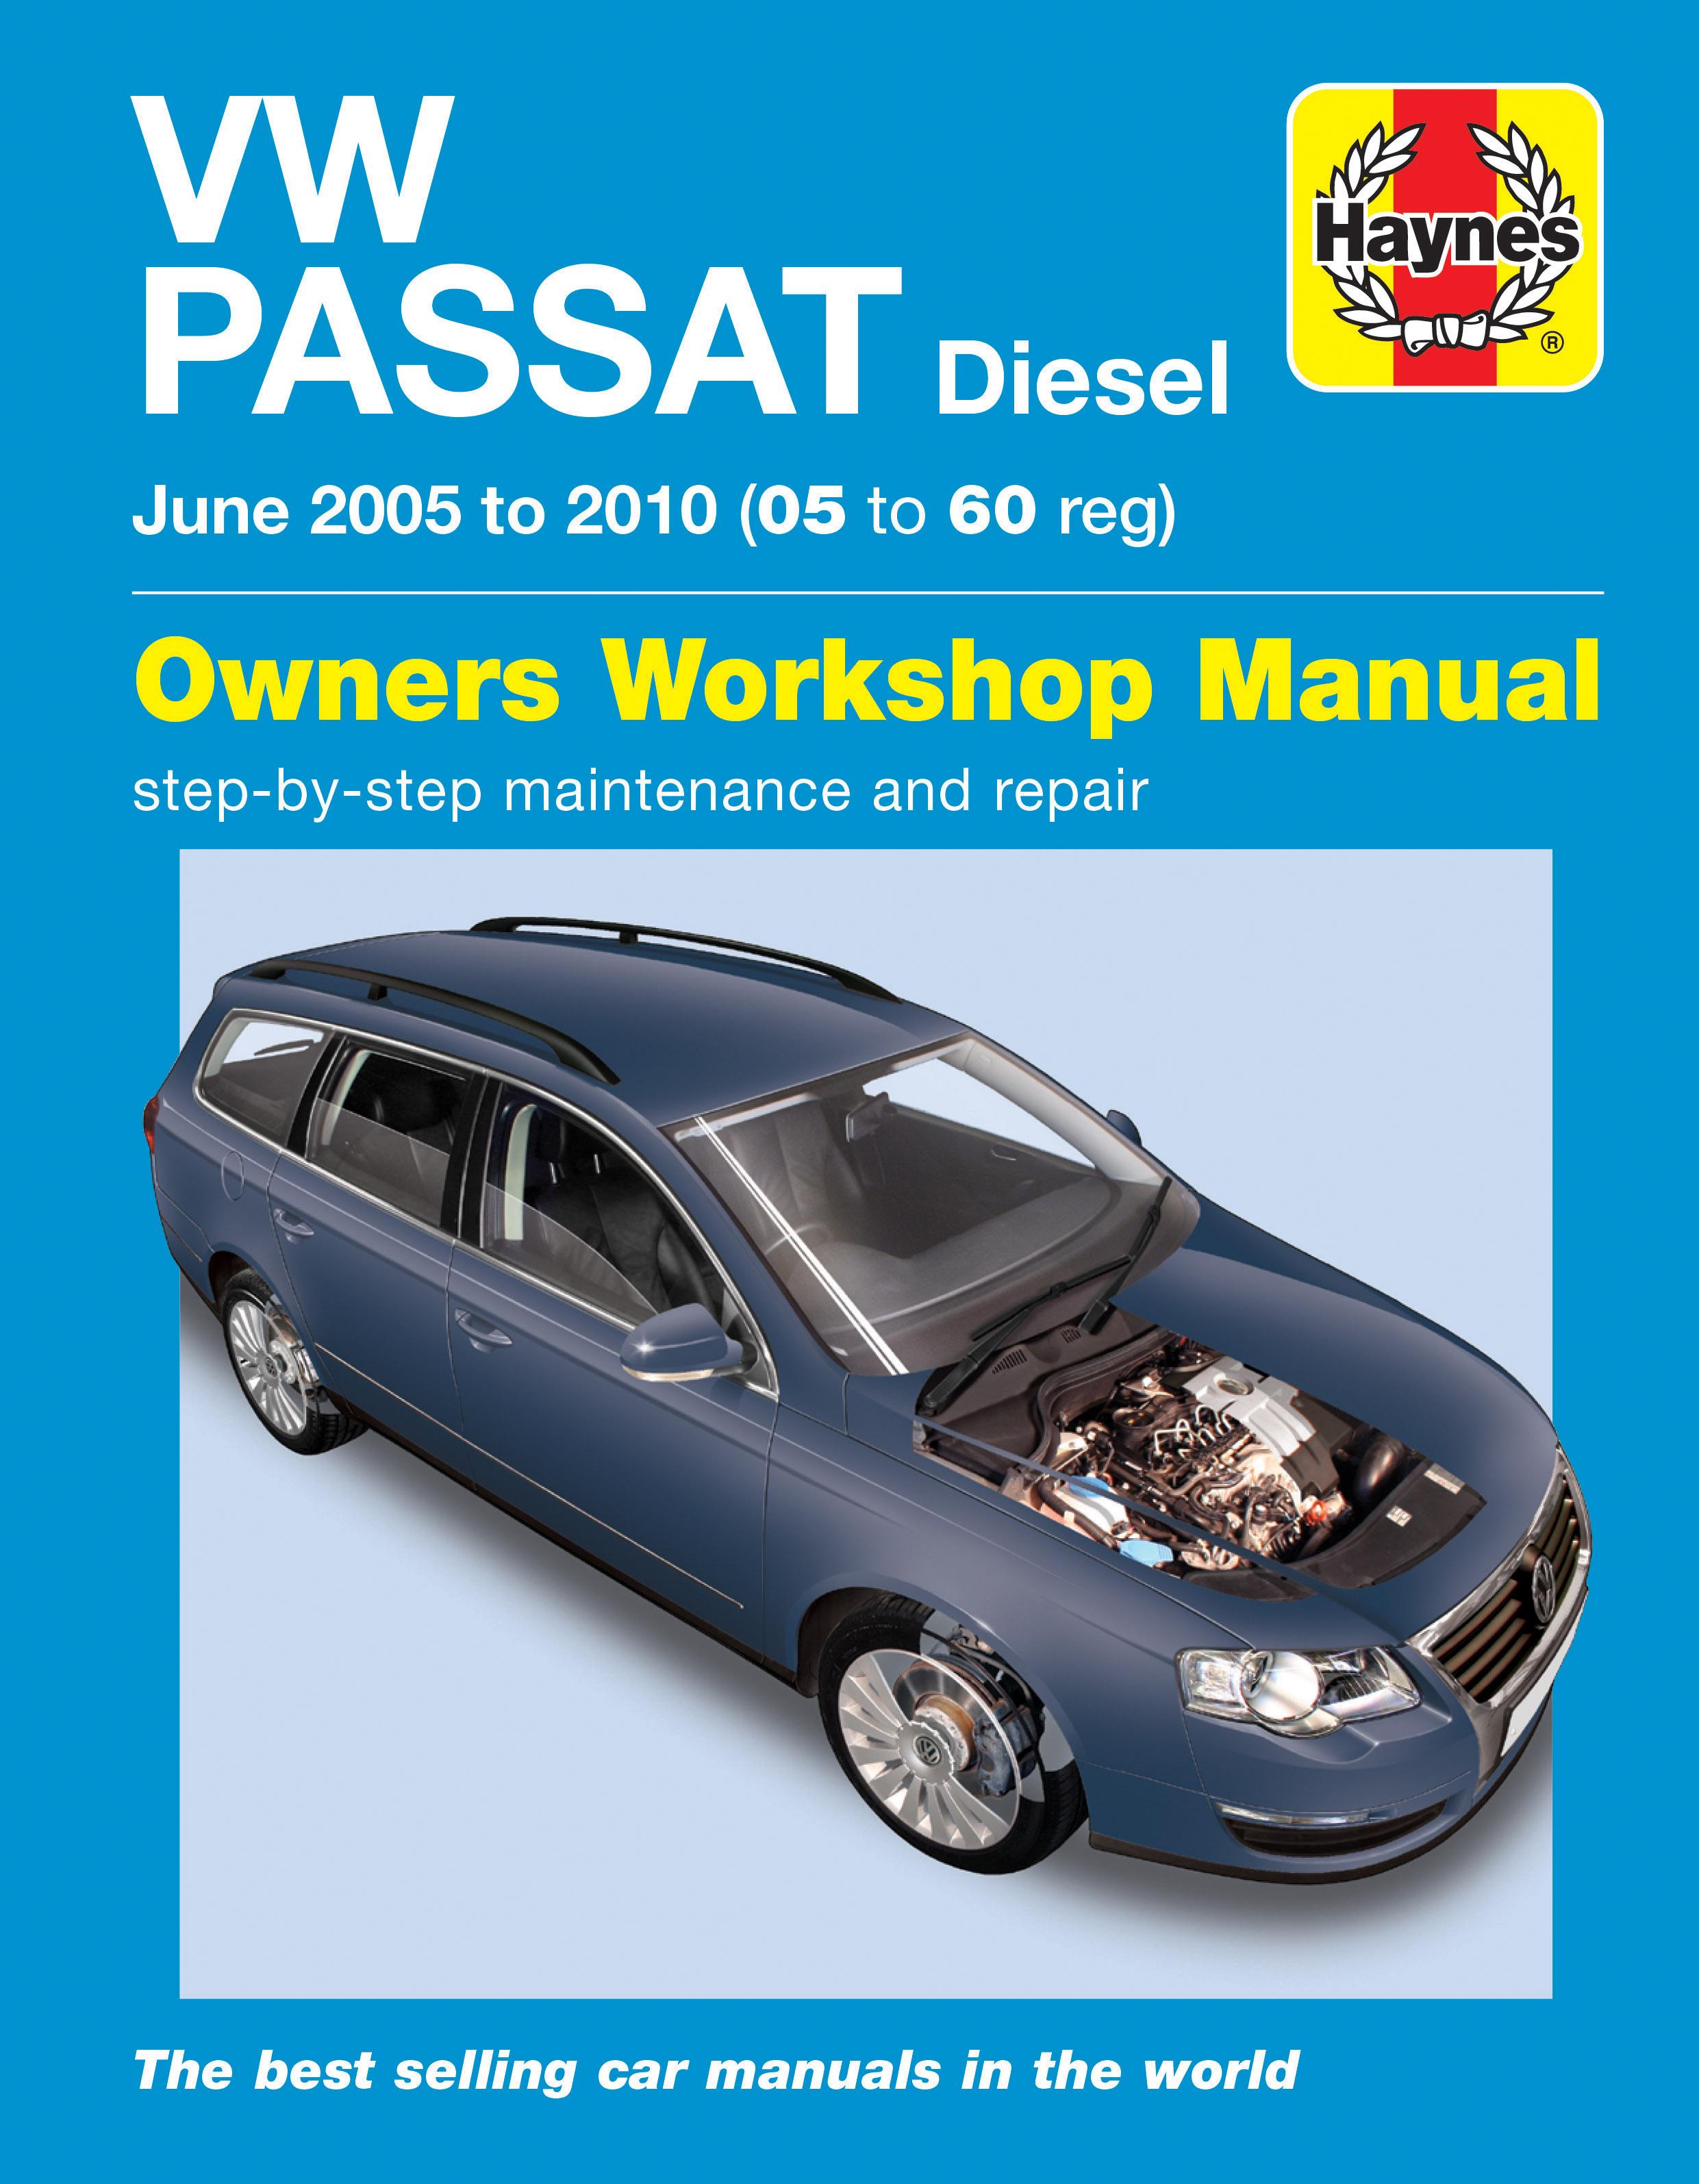 Volkswagen Passat (2005 - 2010) Repair Manuals